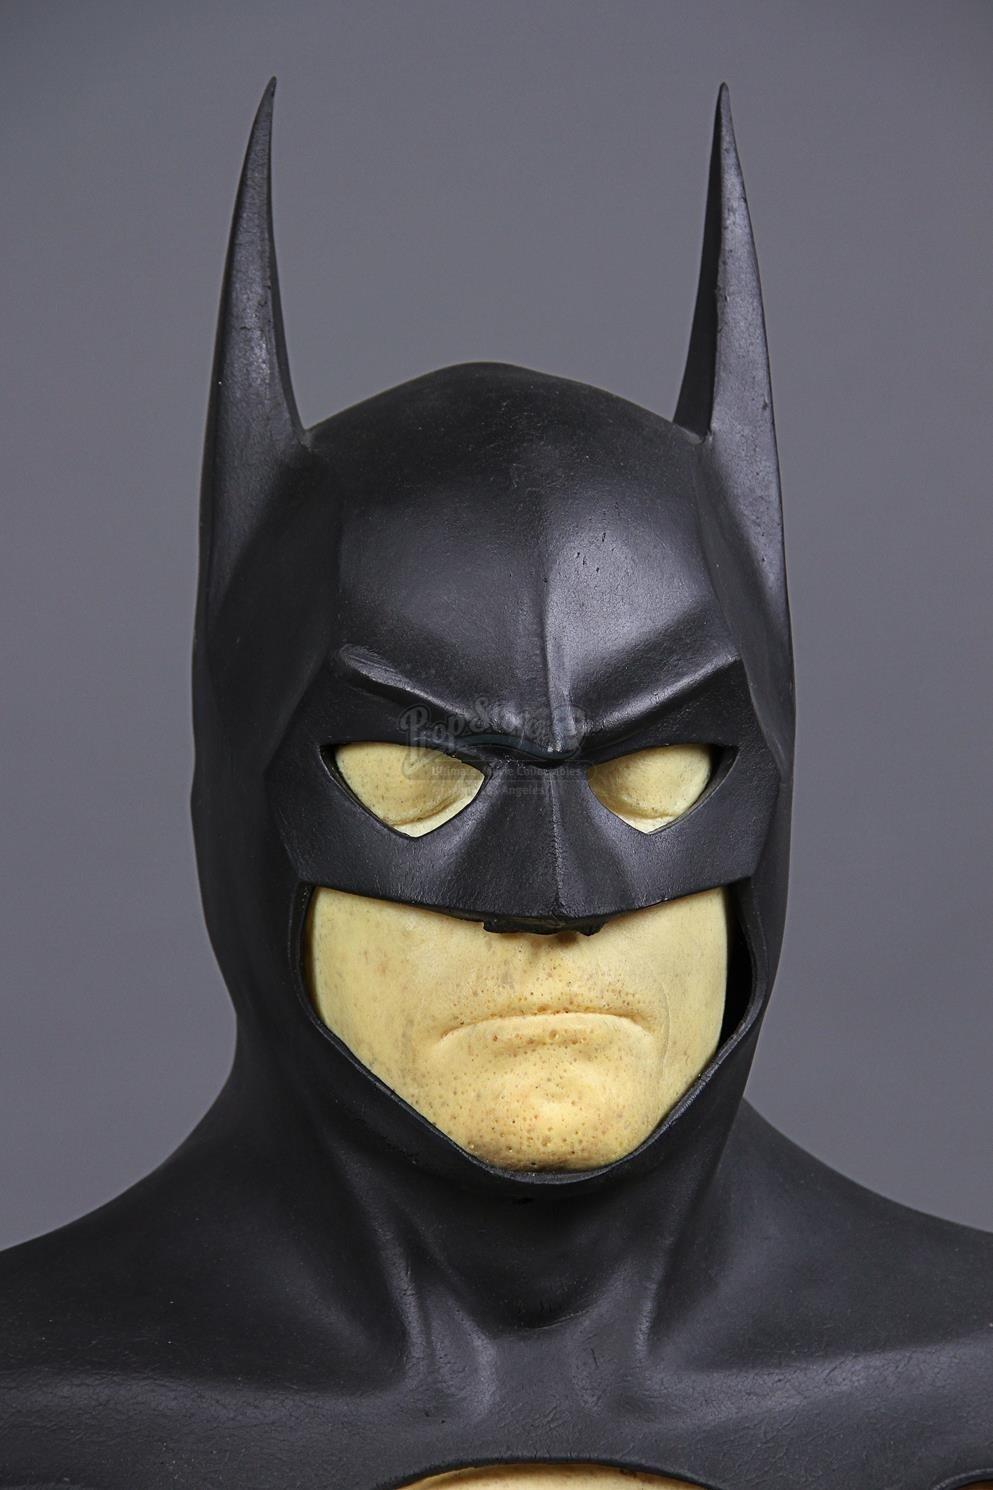 BATMAN RETURNS (1992) - Batman's Batsuit Cowl & Production ...